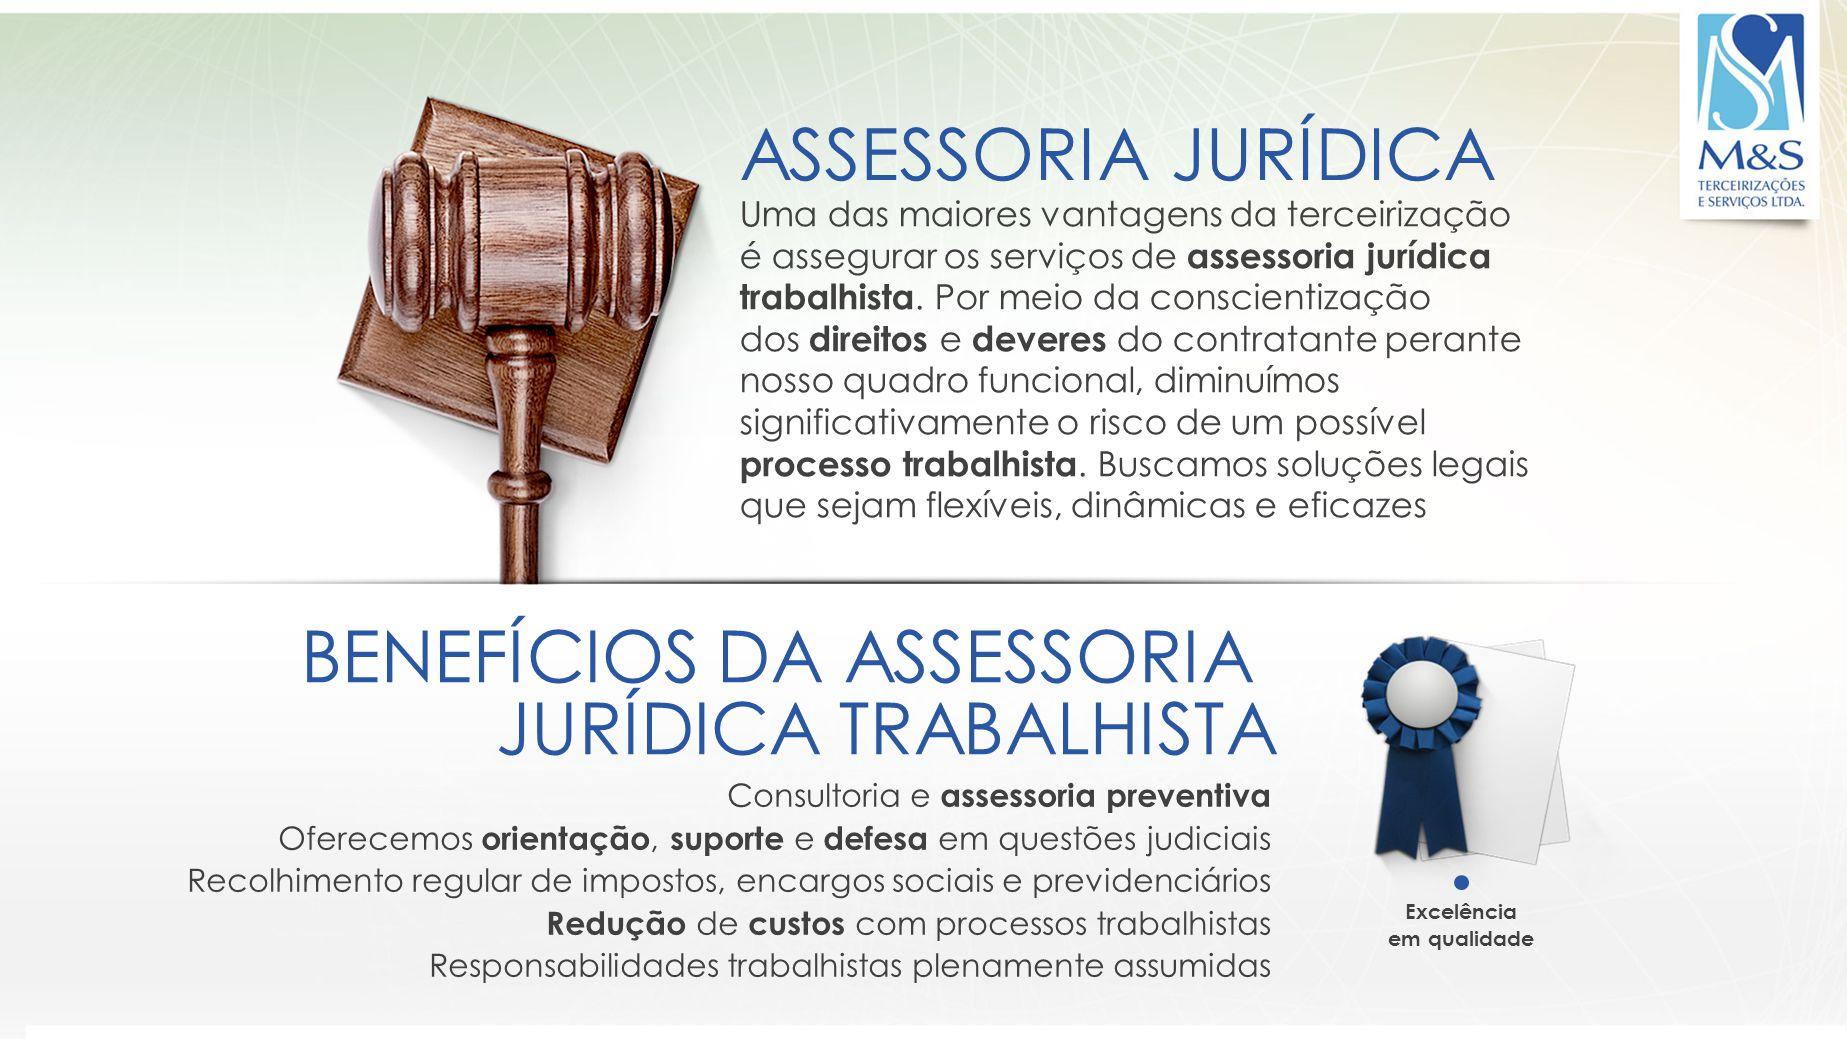 ASSESSORIA JURÍDICA Uma das maiores vantagens da terceirização é assegurar os serviços de assessoria jurídica trabalhista. Por meio da conscientização